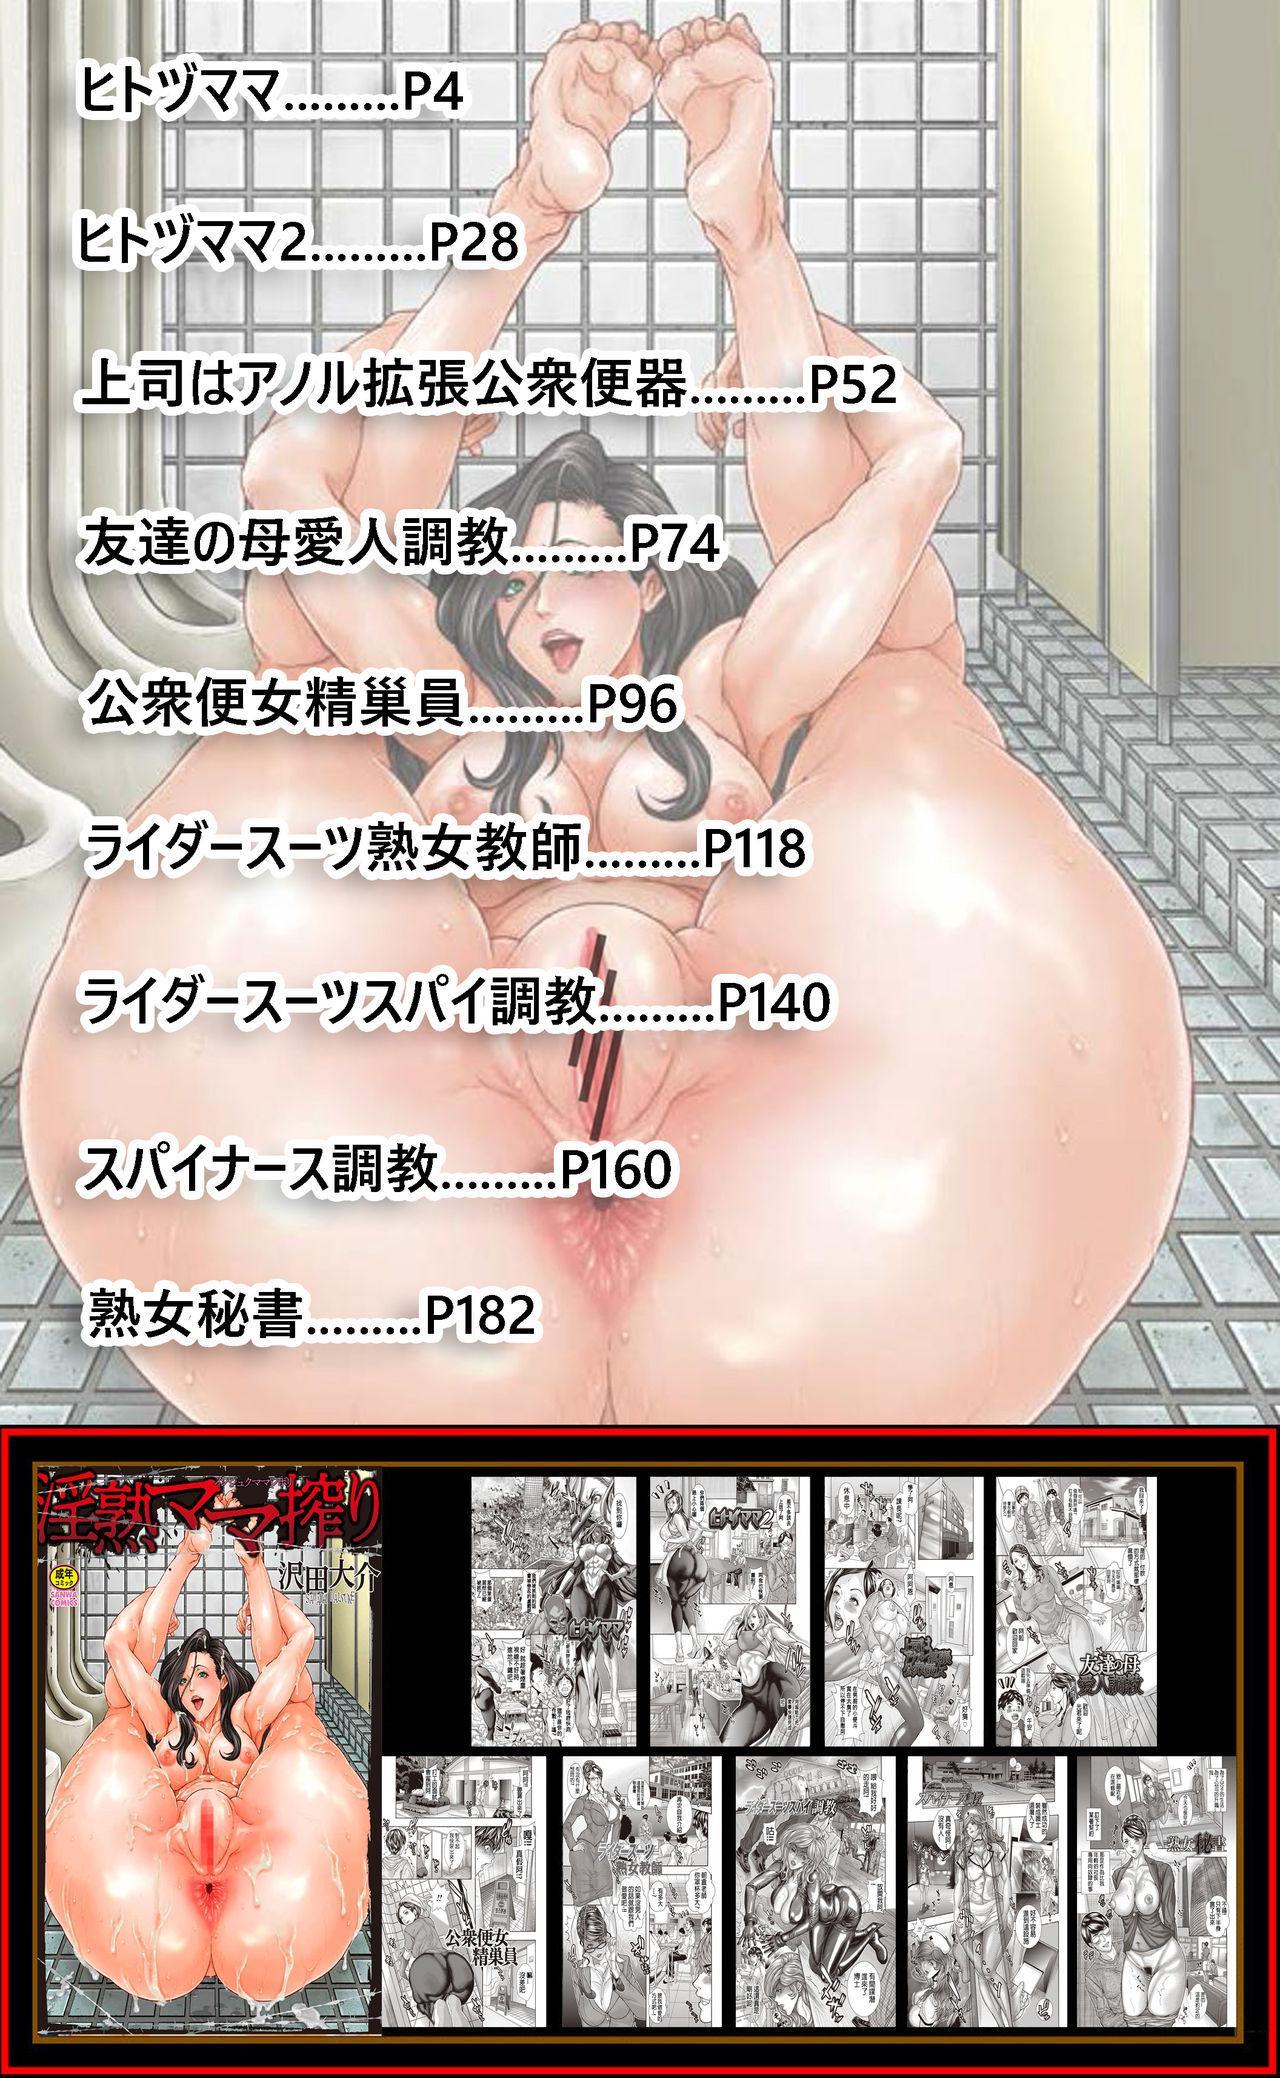 Rider Suit Jukujo Kyoushi 23